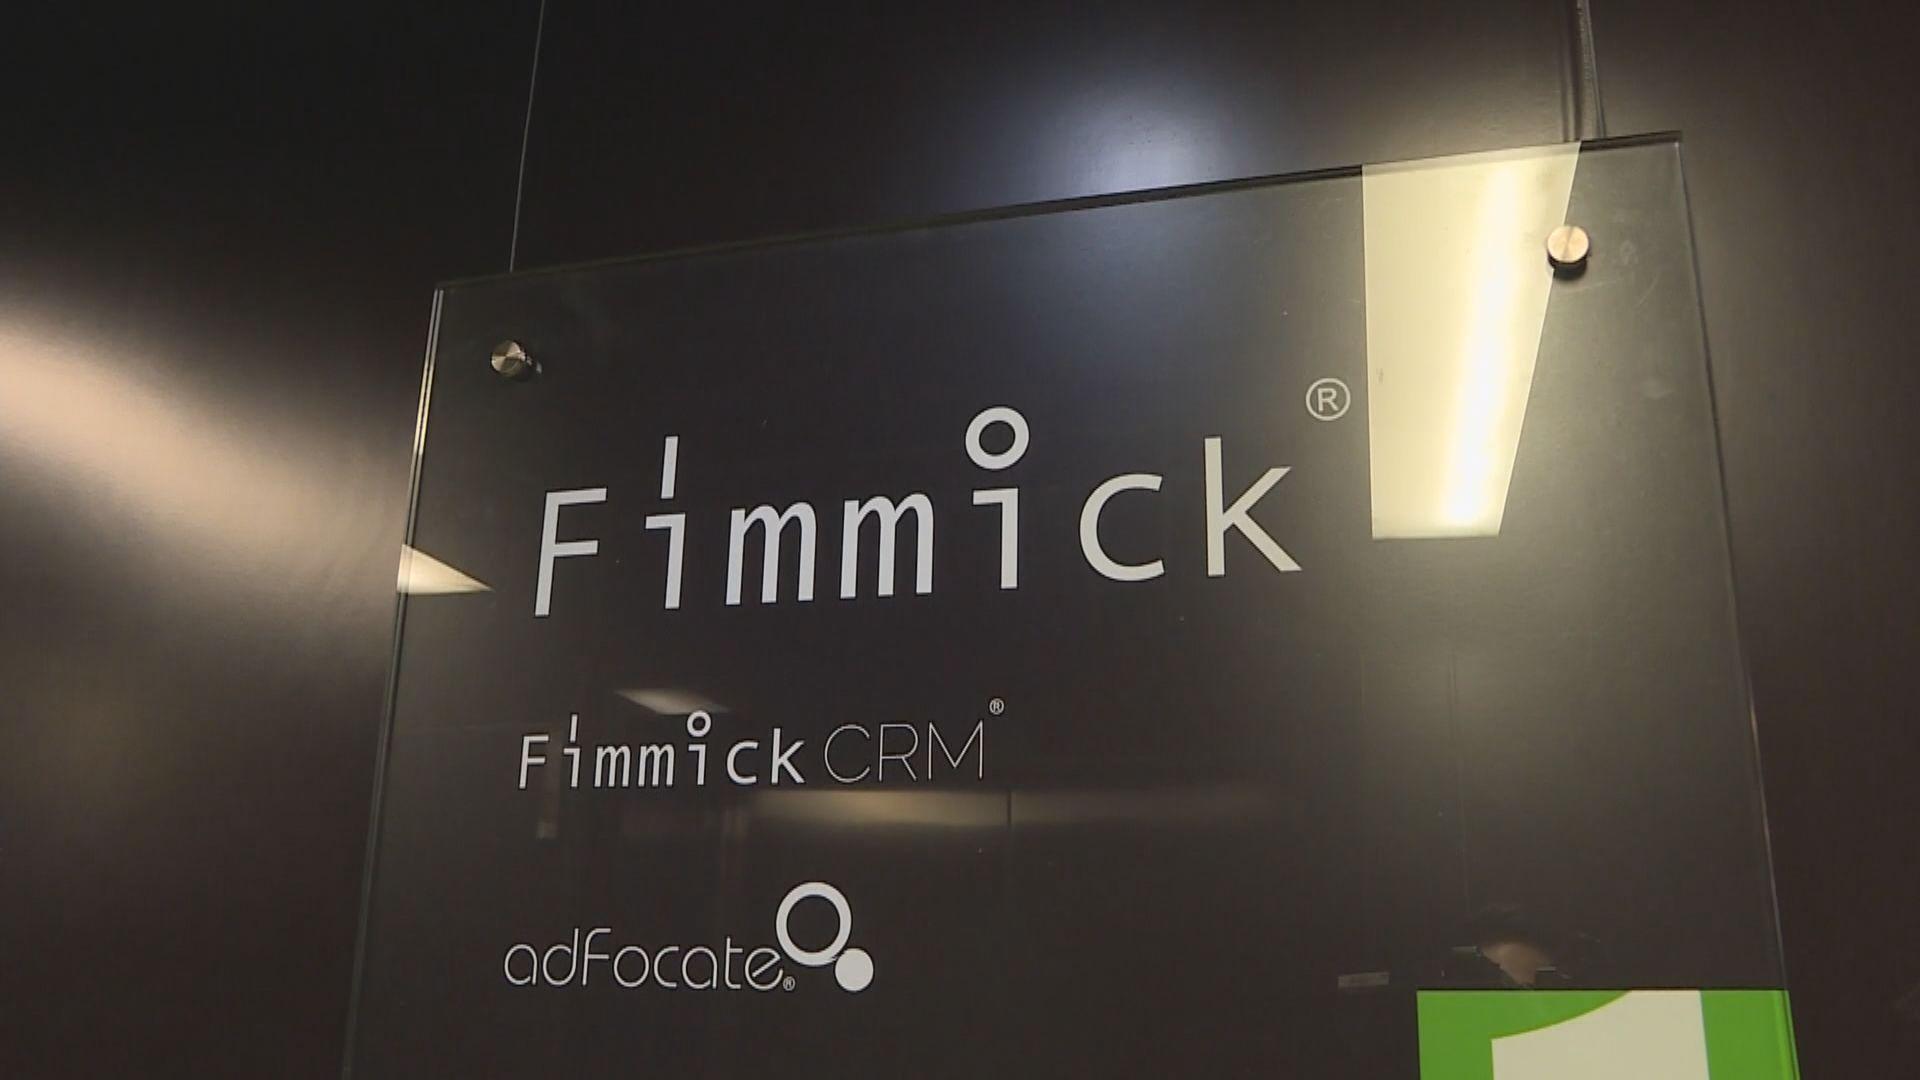 數碼營銷公司Fimmick遭軟件攻擊 洩客戶資料或涉逾三萬人